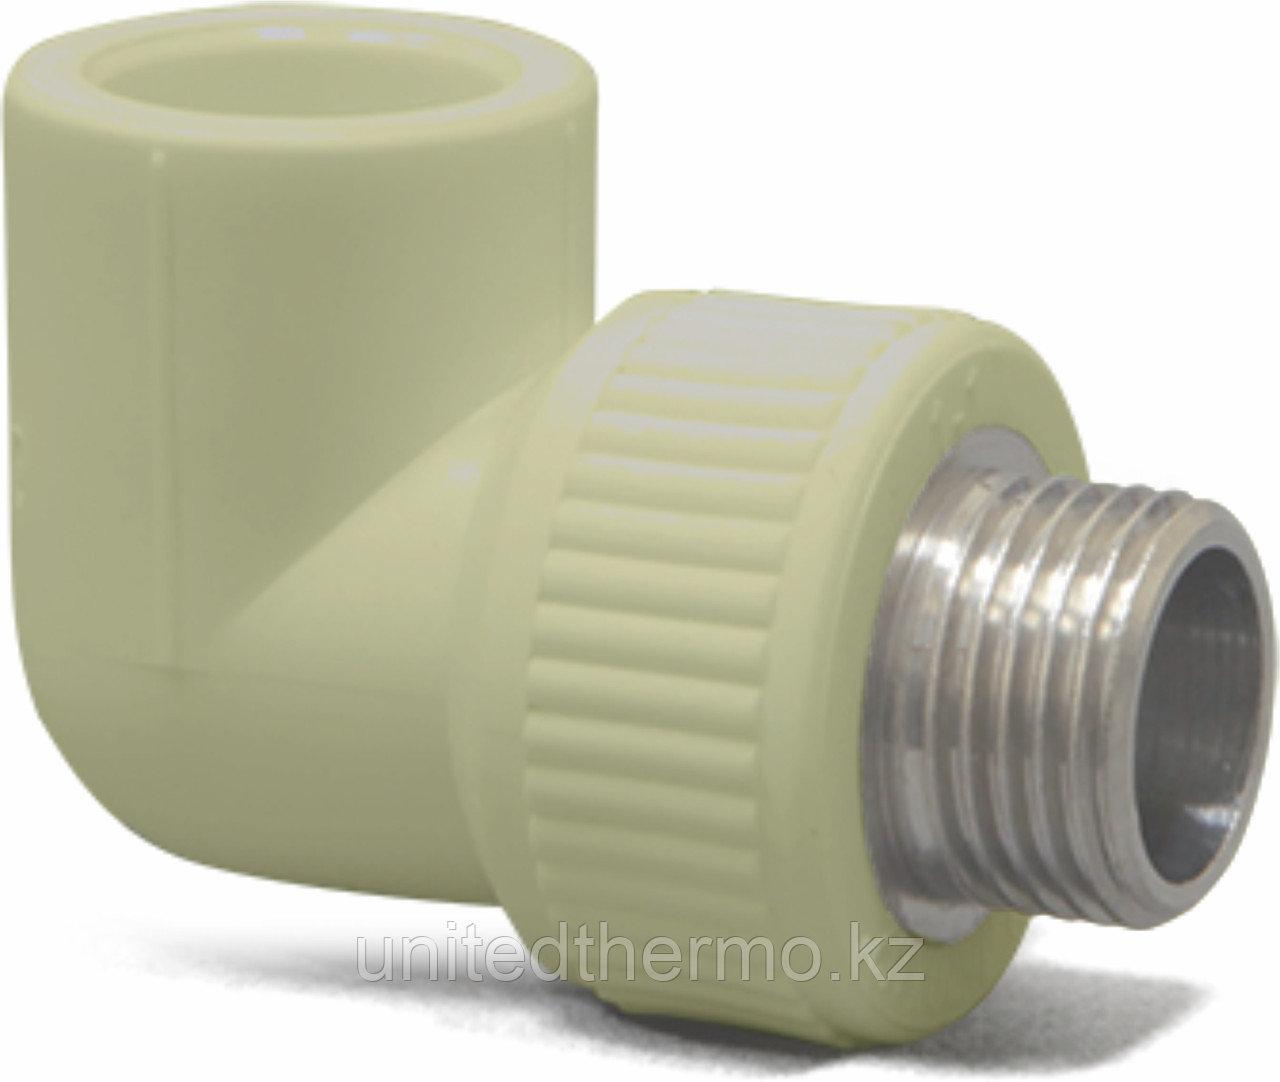 Угол 90° НР 20Х1/2 комбинированный Fusitek (СЕРЫЙ)